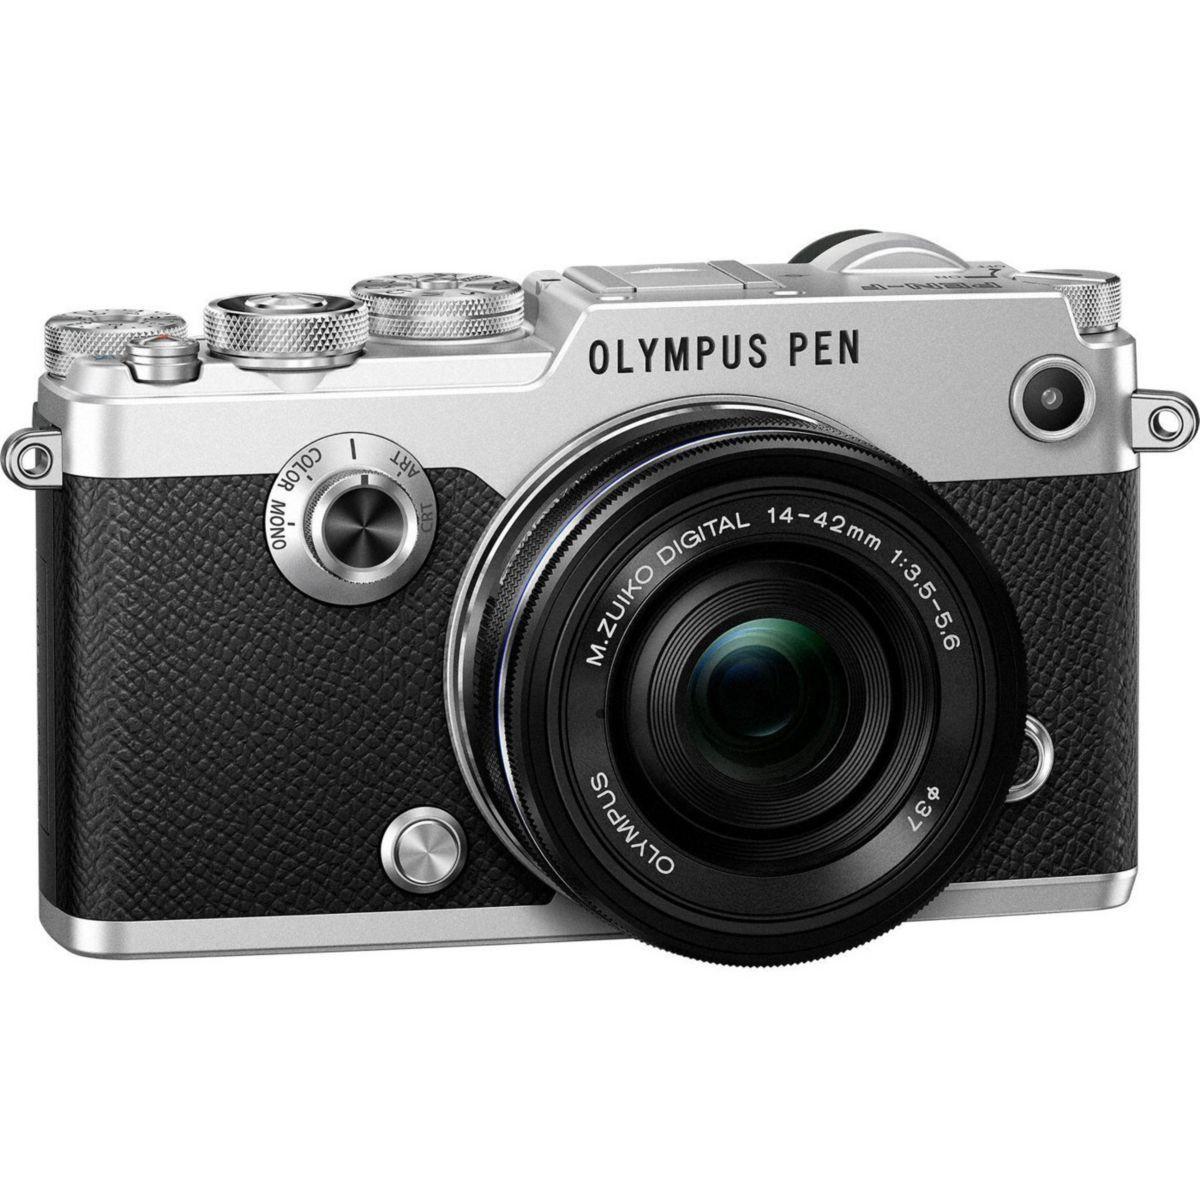 Apn olympus pen-f silver + 14-42pz noir - 10% de remise immédiate avec le code : multi10 (photo)